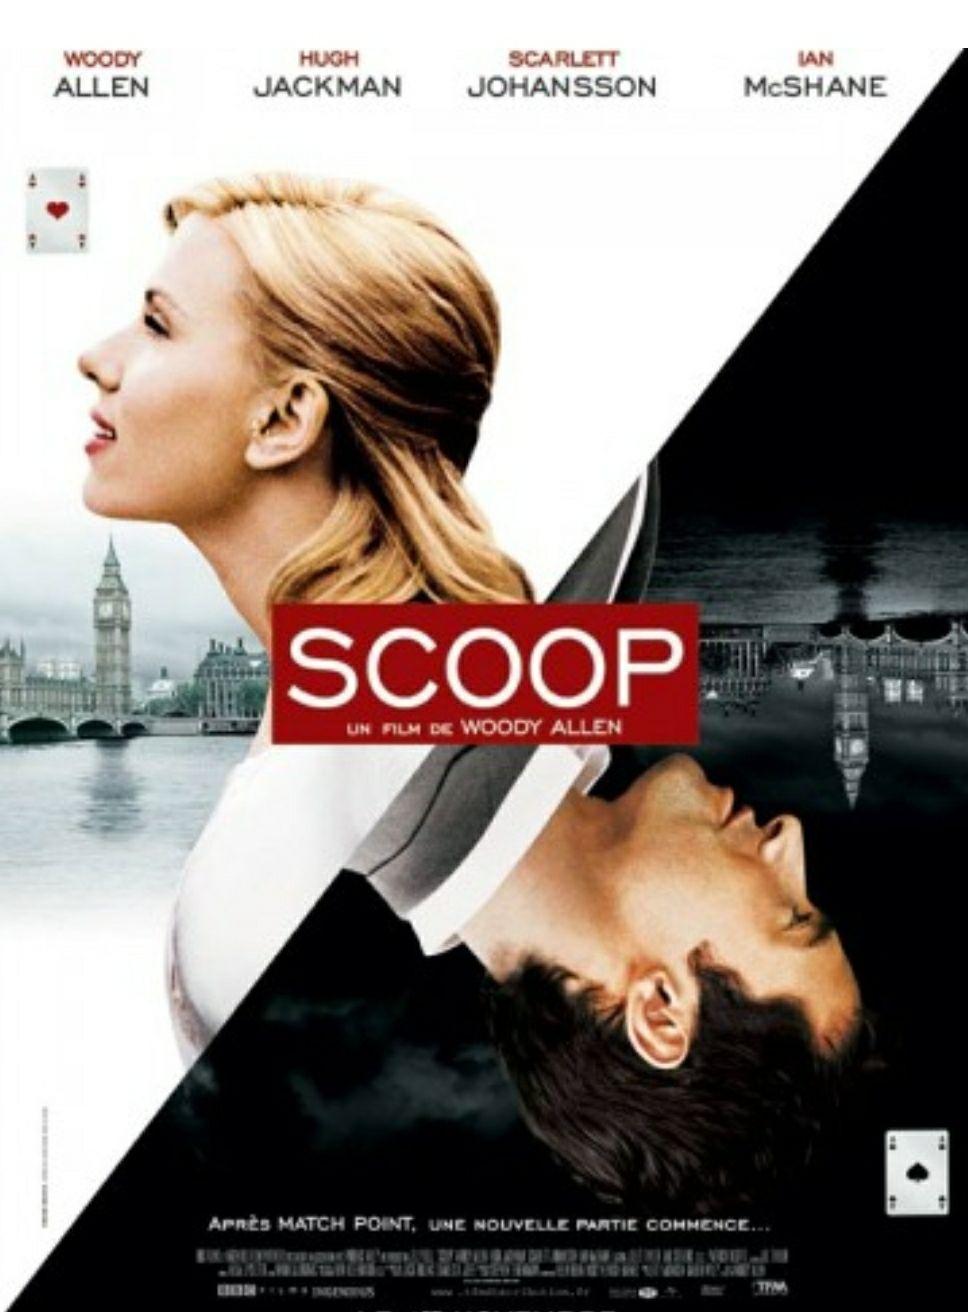 """[Servus TV Mediathek] Woody Allen's """"Scoop - Der Knüller"""" mit Scarlett Johansson und Hugh Jackman kostenlos streamen"""